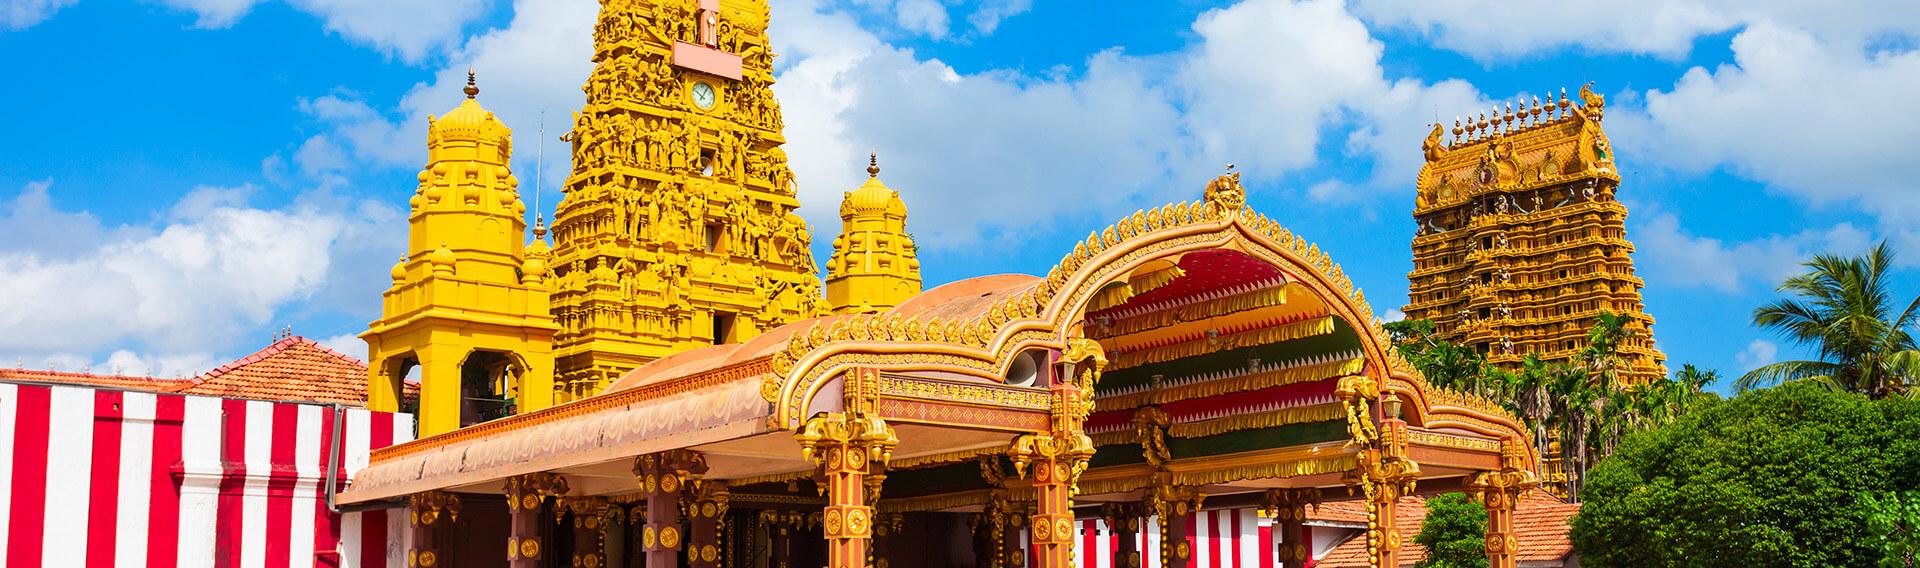 Sri Lanka, Nord, Jaffna, temple hindou